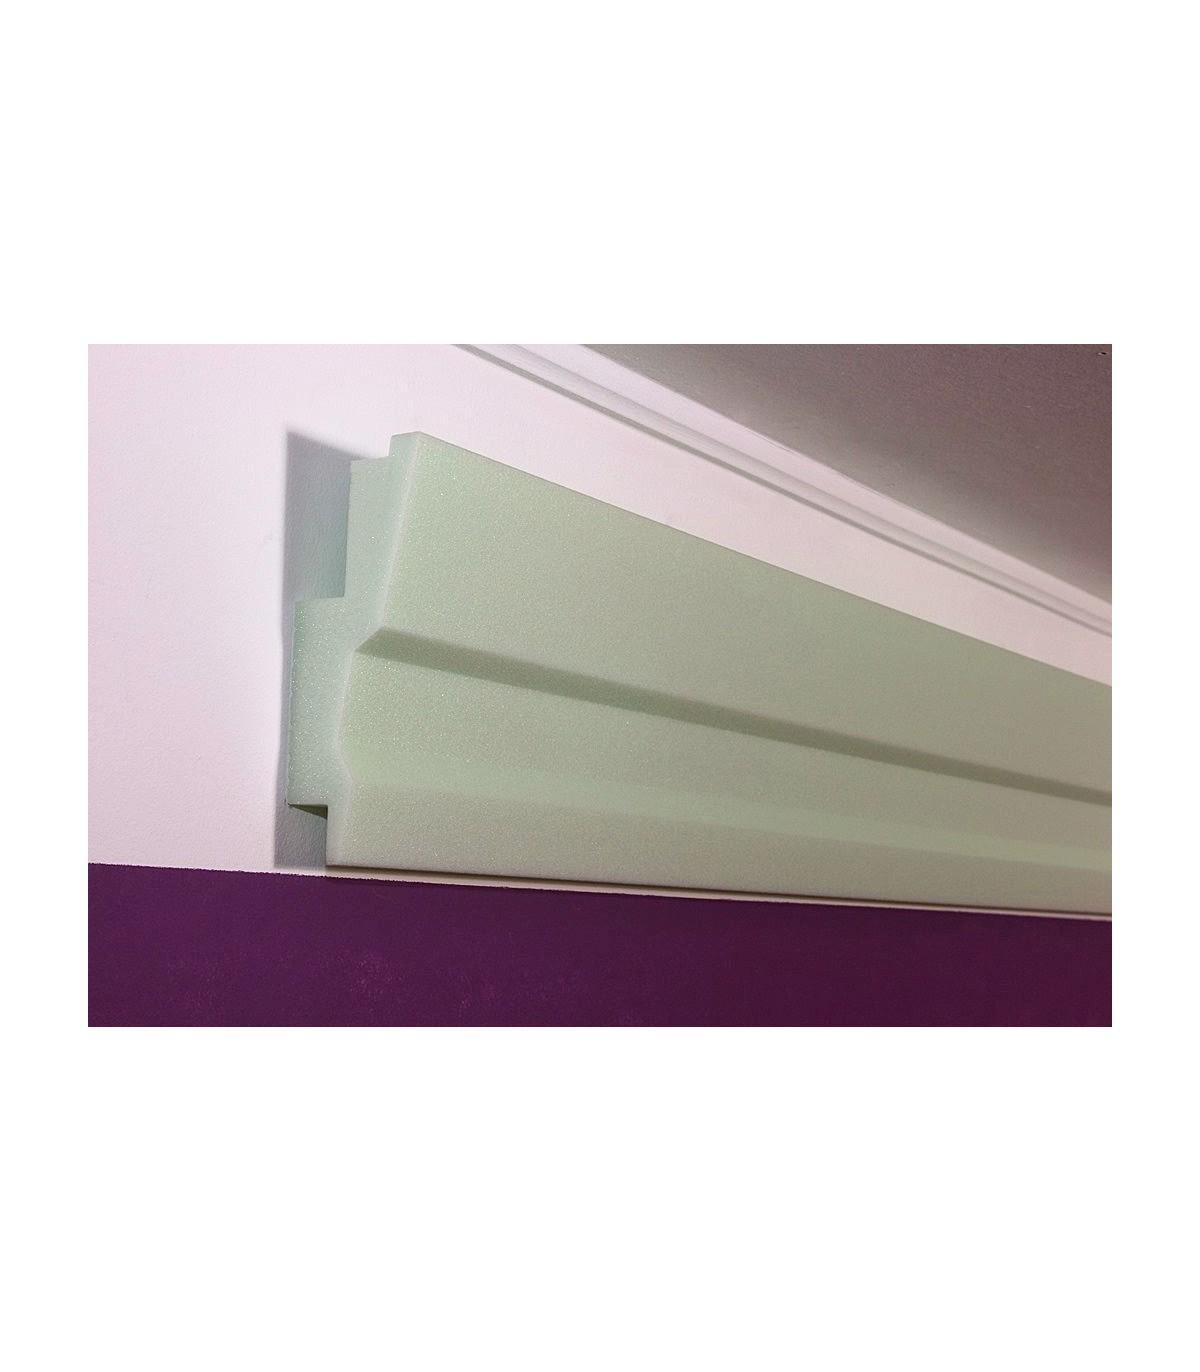 led stuckprofil wdml 65a st f r indirekte beleuchtung der wand bendu. Black Bedroom Furniture Sets. Home Design Ideas